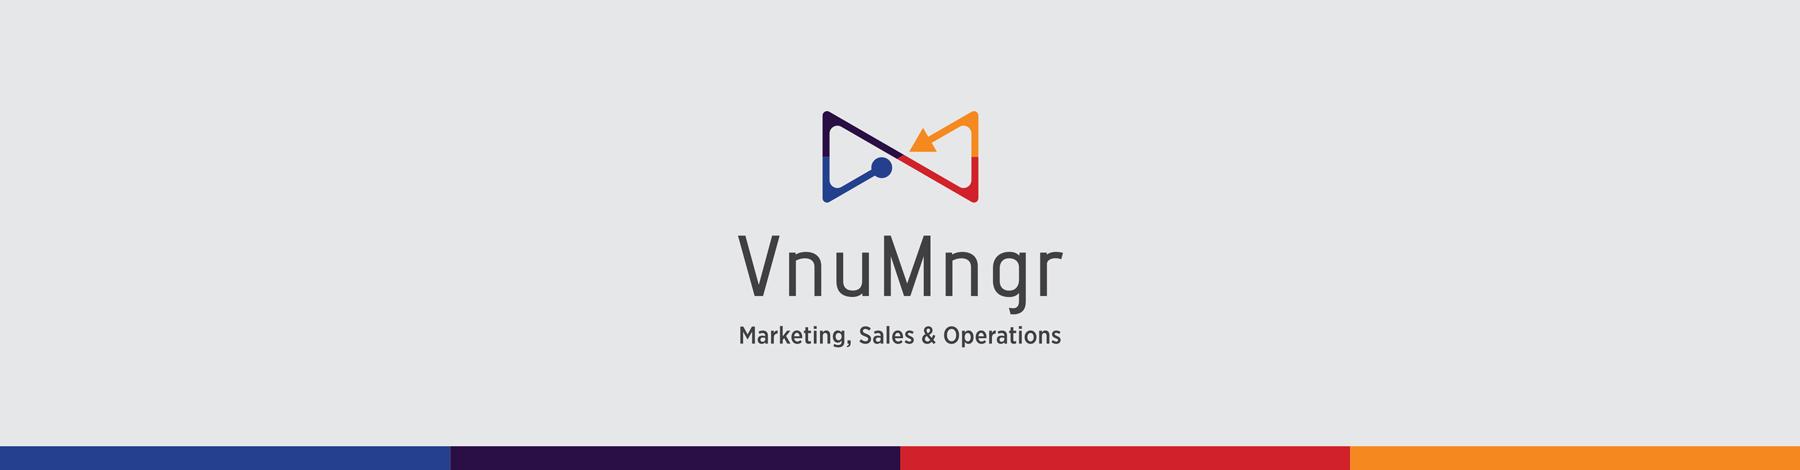 vnumngr_slide3